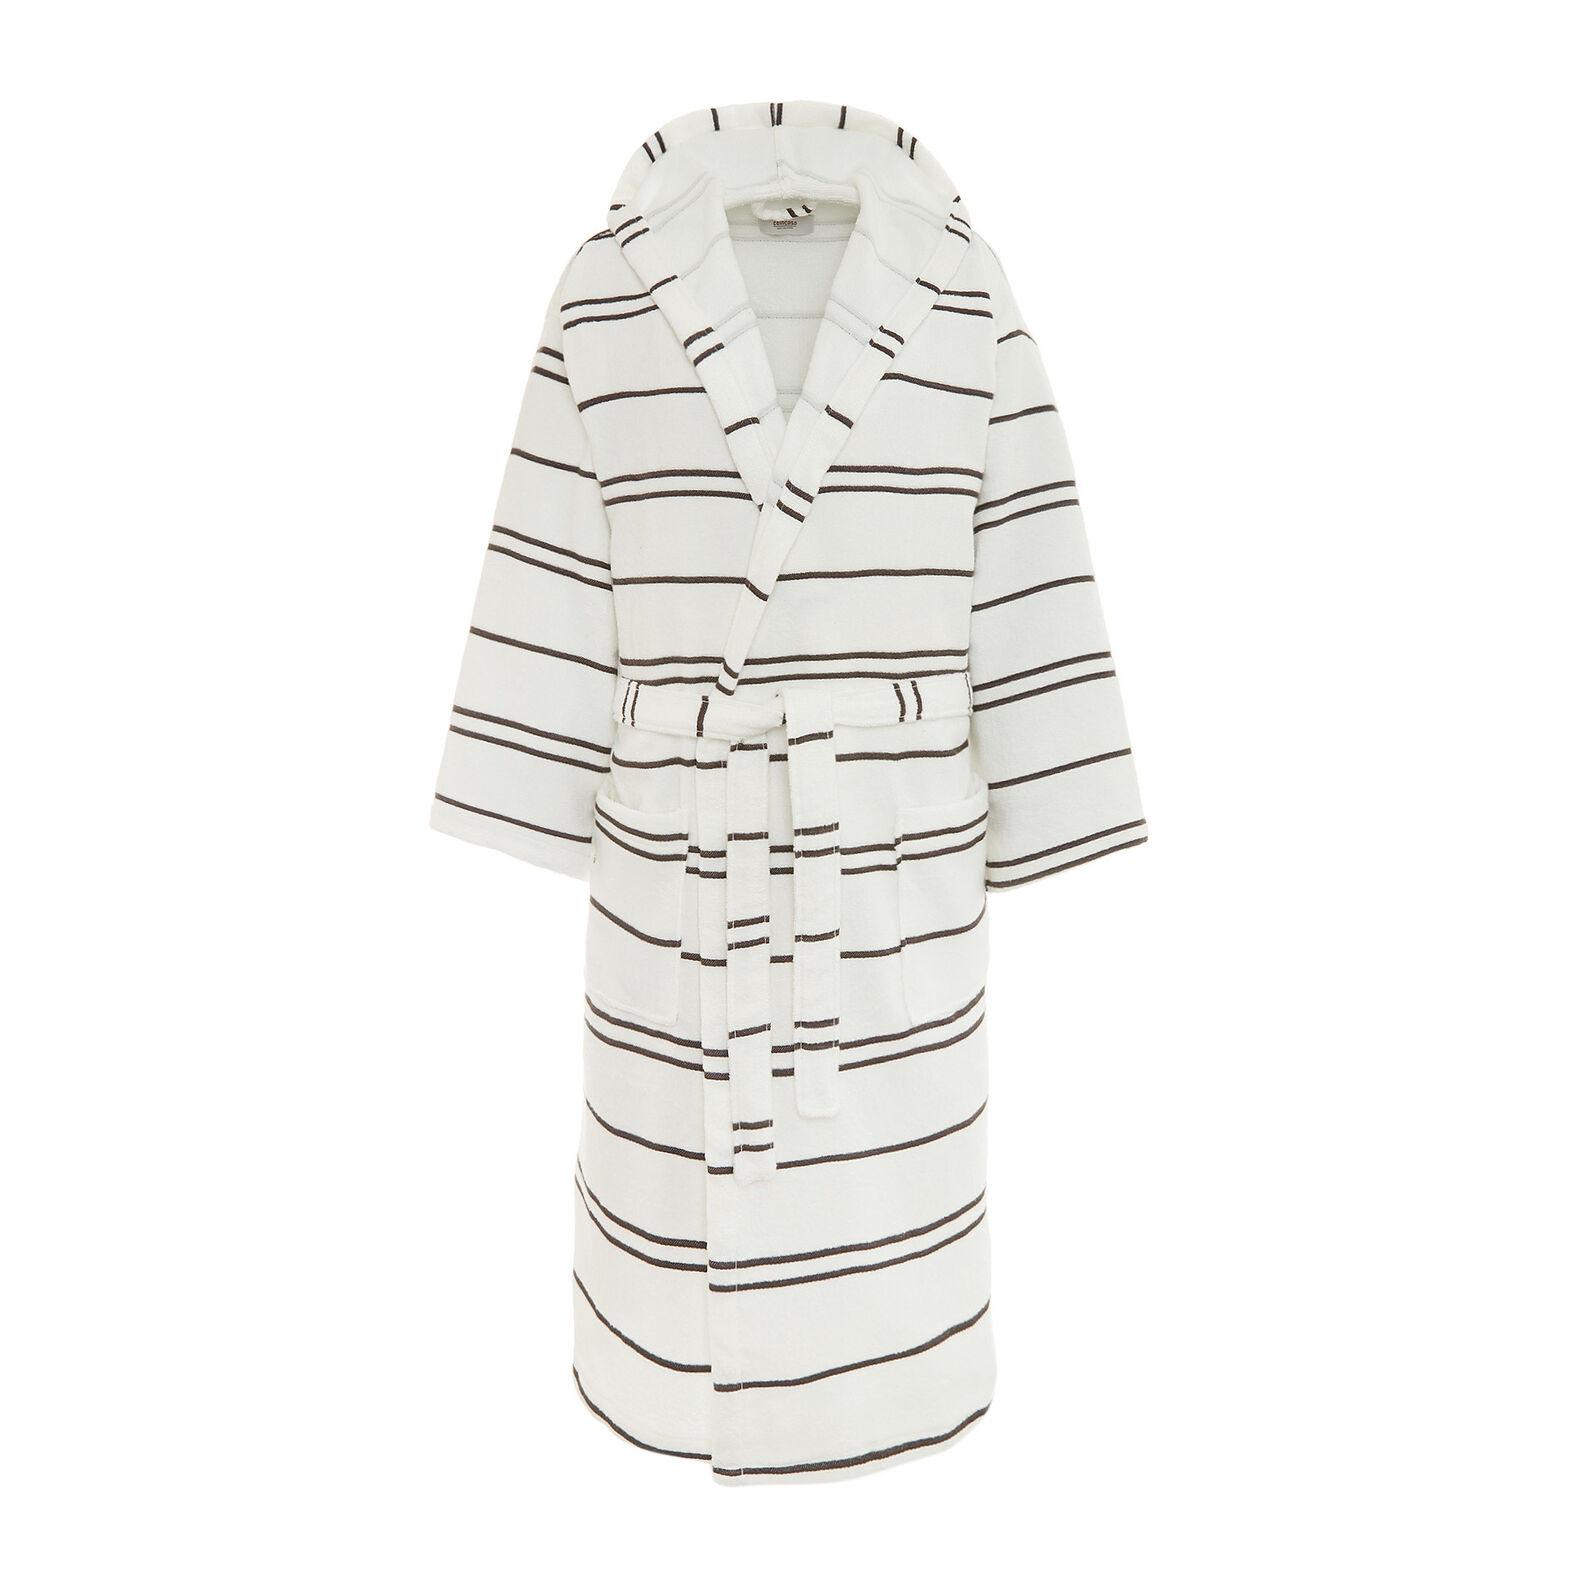 Fine-striped cotton terry bathrobe